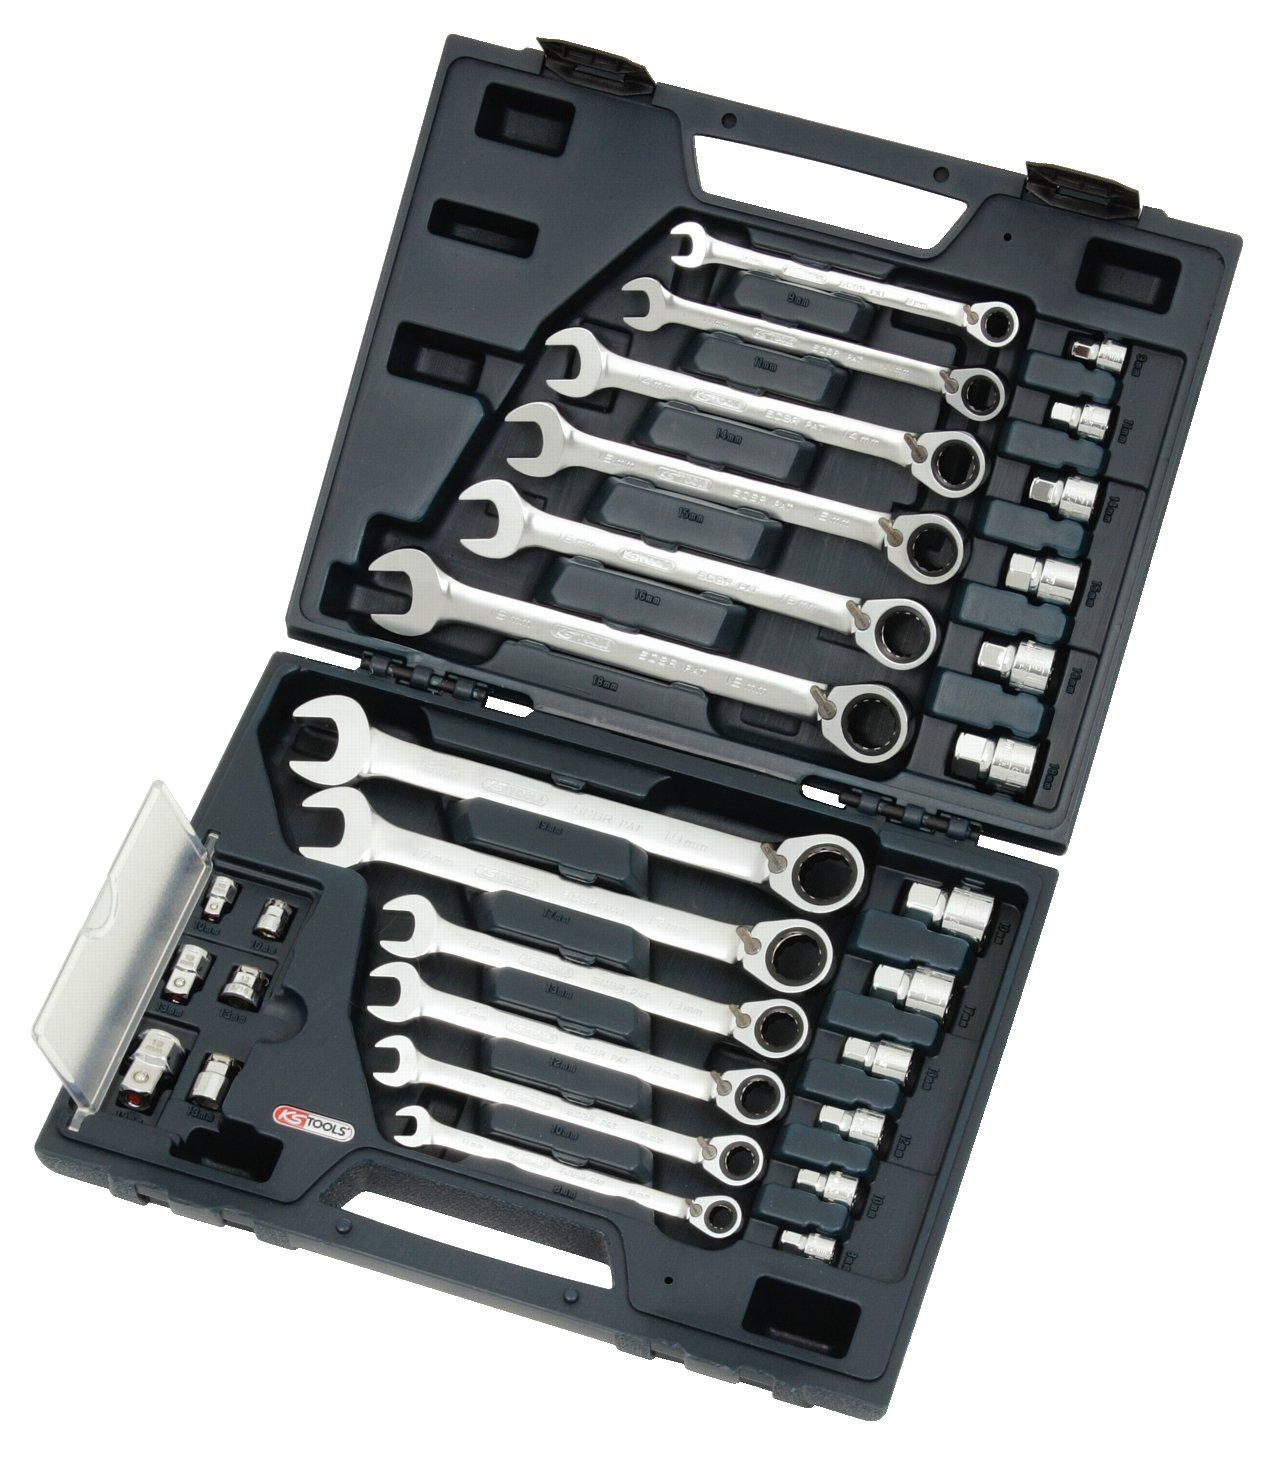 KS Tools 503.4960 Gearplus RingstopRatschenringmaulschlüsselSatz, umschaltbar, 30teilig, 819 mm, mit Adapter  BaumarktKundenbewertung und Beschreibung